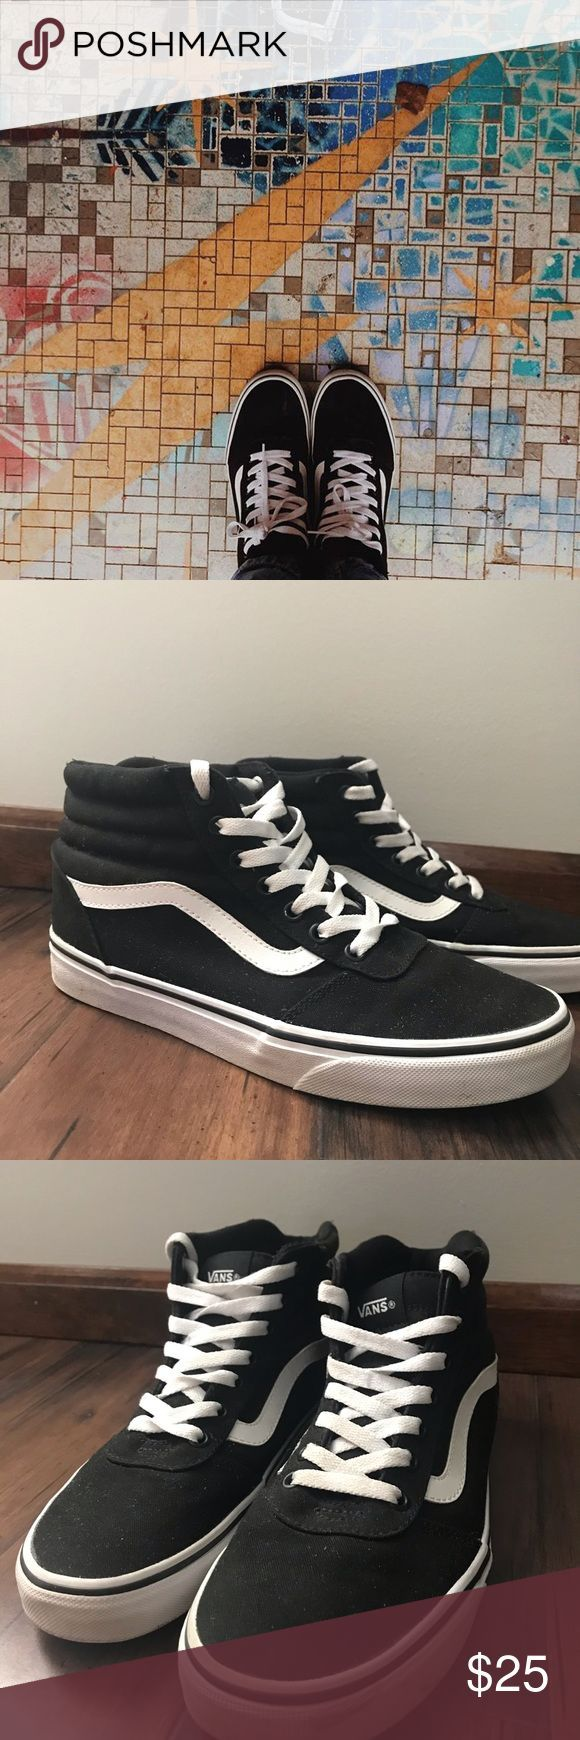 Vans Schuhe Gebrauchte Vans High Top Damen Skateschuhe Schnürschuhe Farbe Schwarz Weiß Größe 9 Fashionshoot Fashionin High Top Vans Vans Skate Shoes